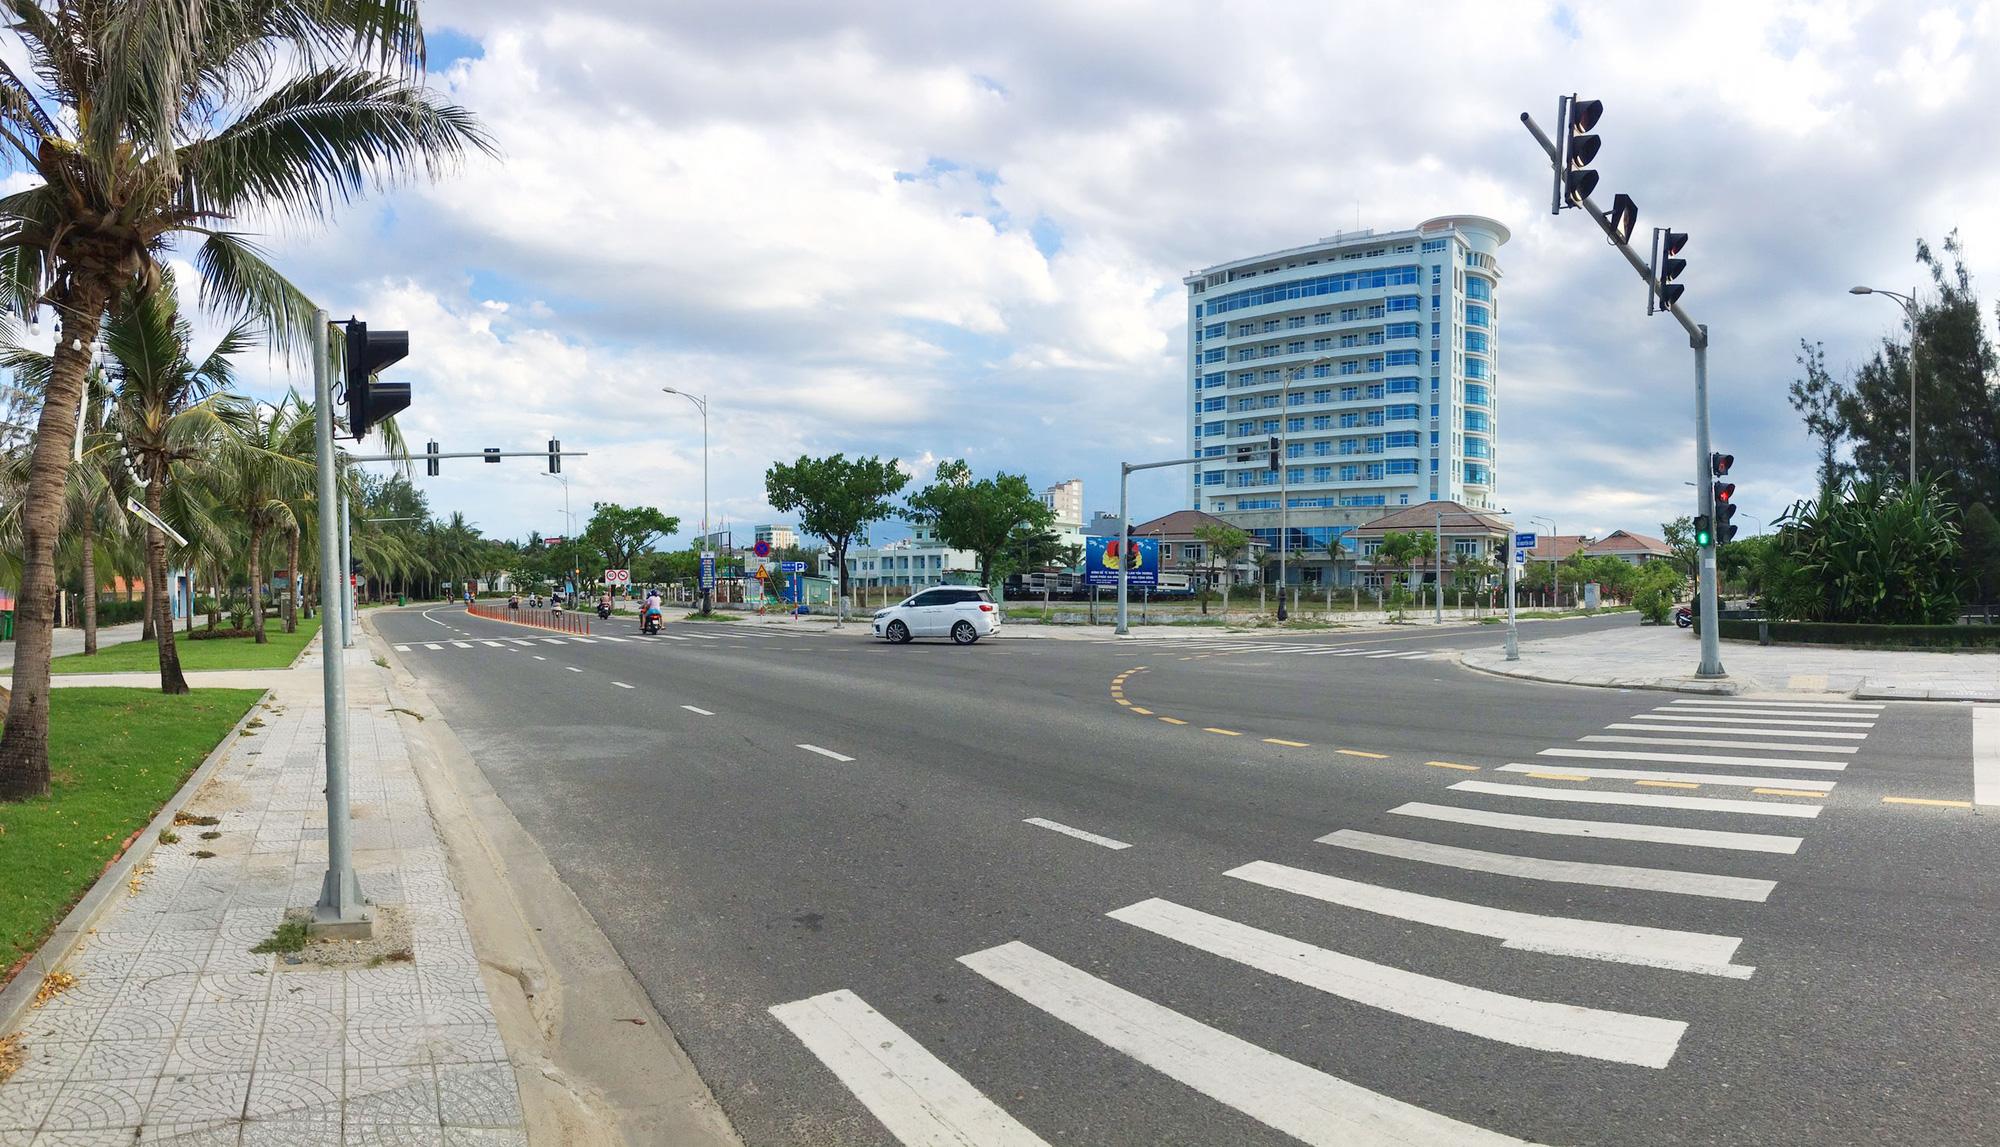 Cận cảnh hai khu đất sát bãi biển Mỹ Khê đẹp nhất Đà Nẵng sẽ đấu giá làm bãi đỗ xe - Ảnh 2.